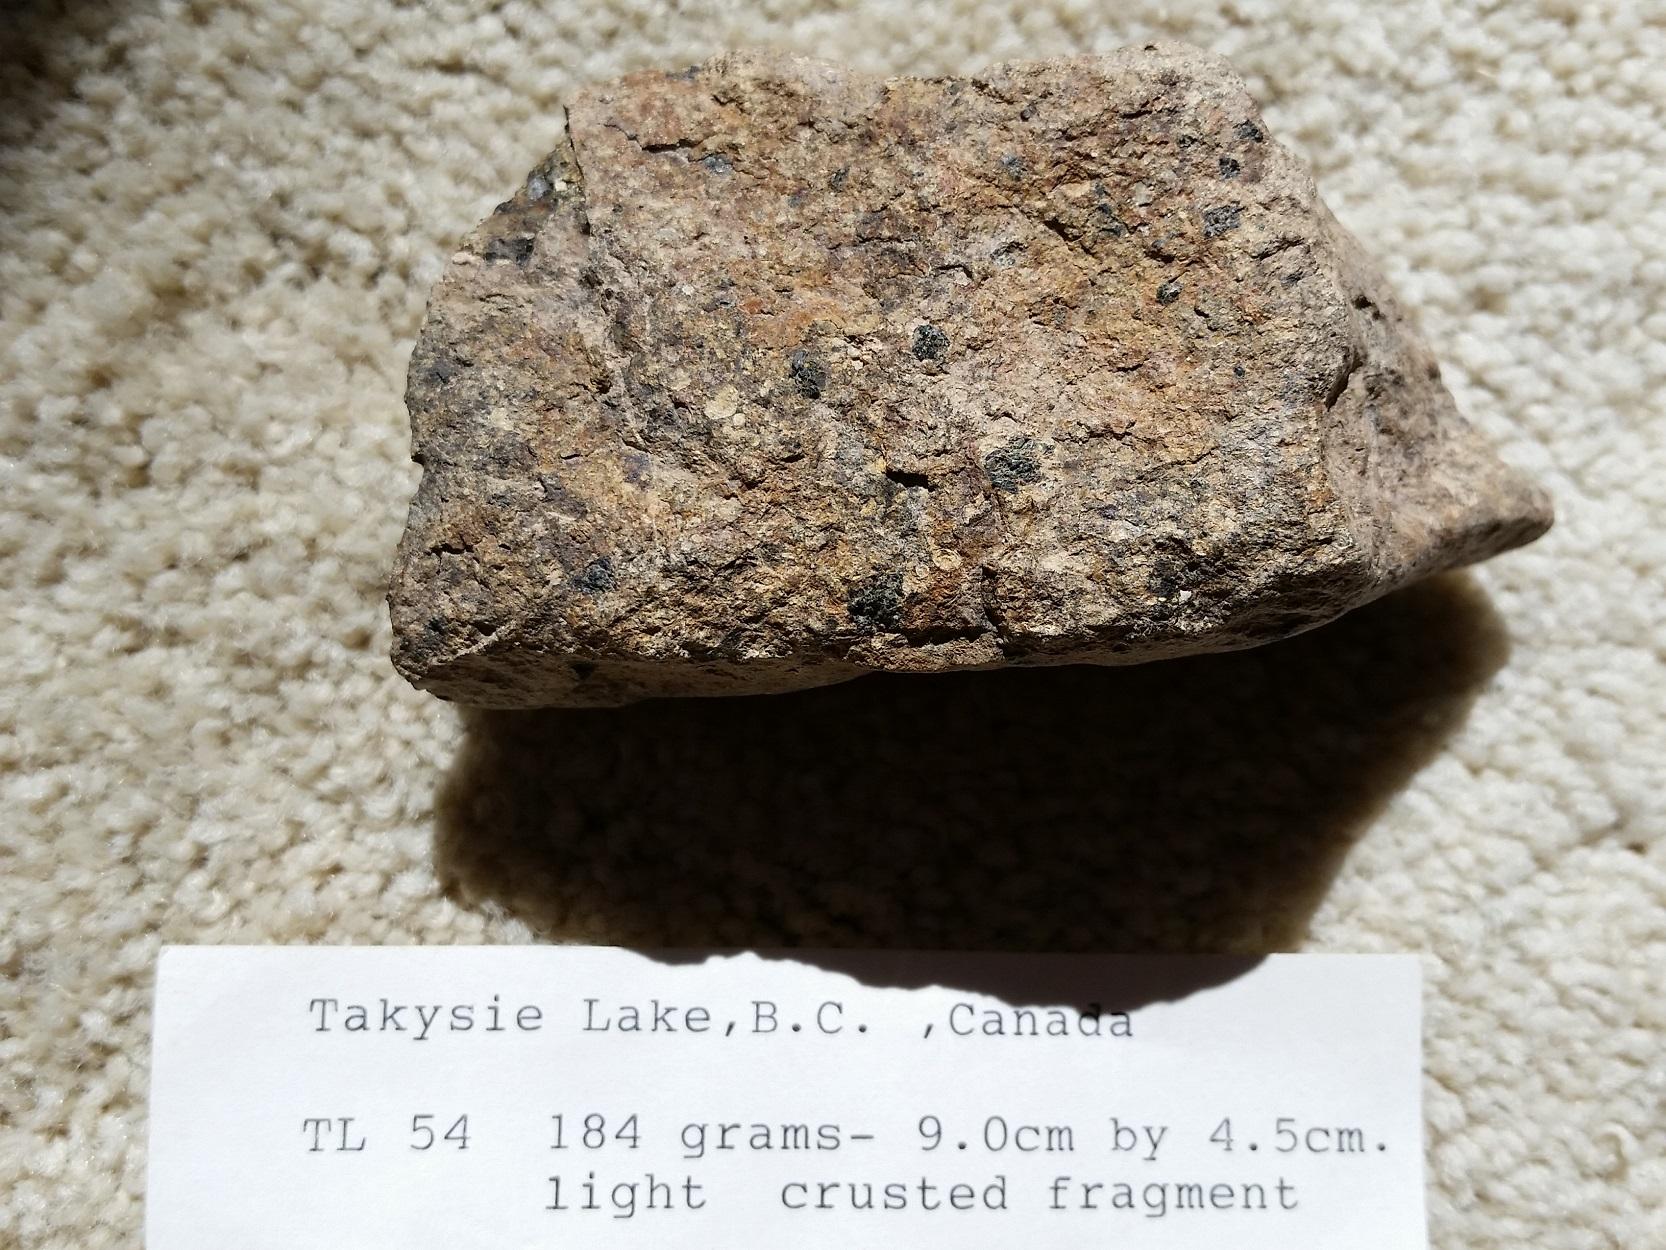 Takysie Lake stone #54